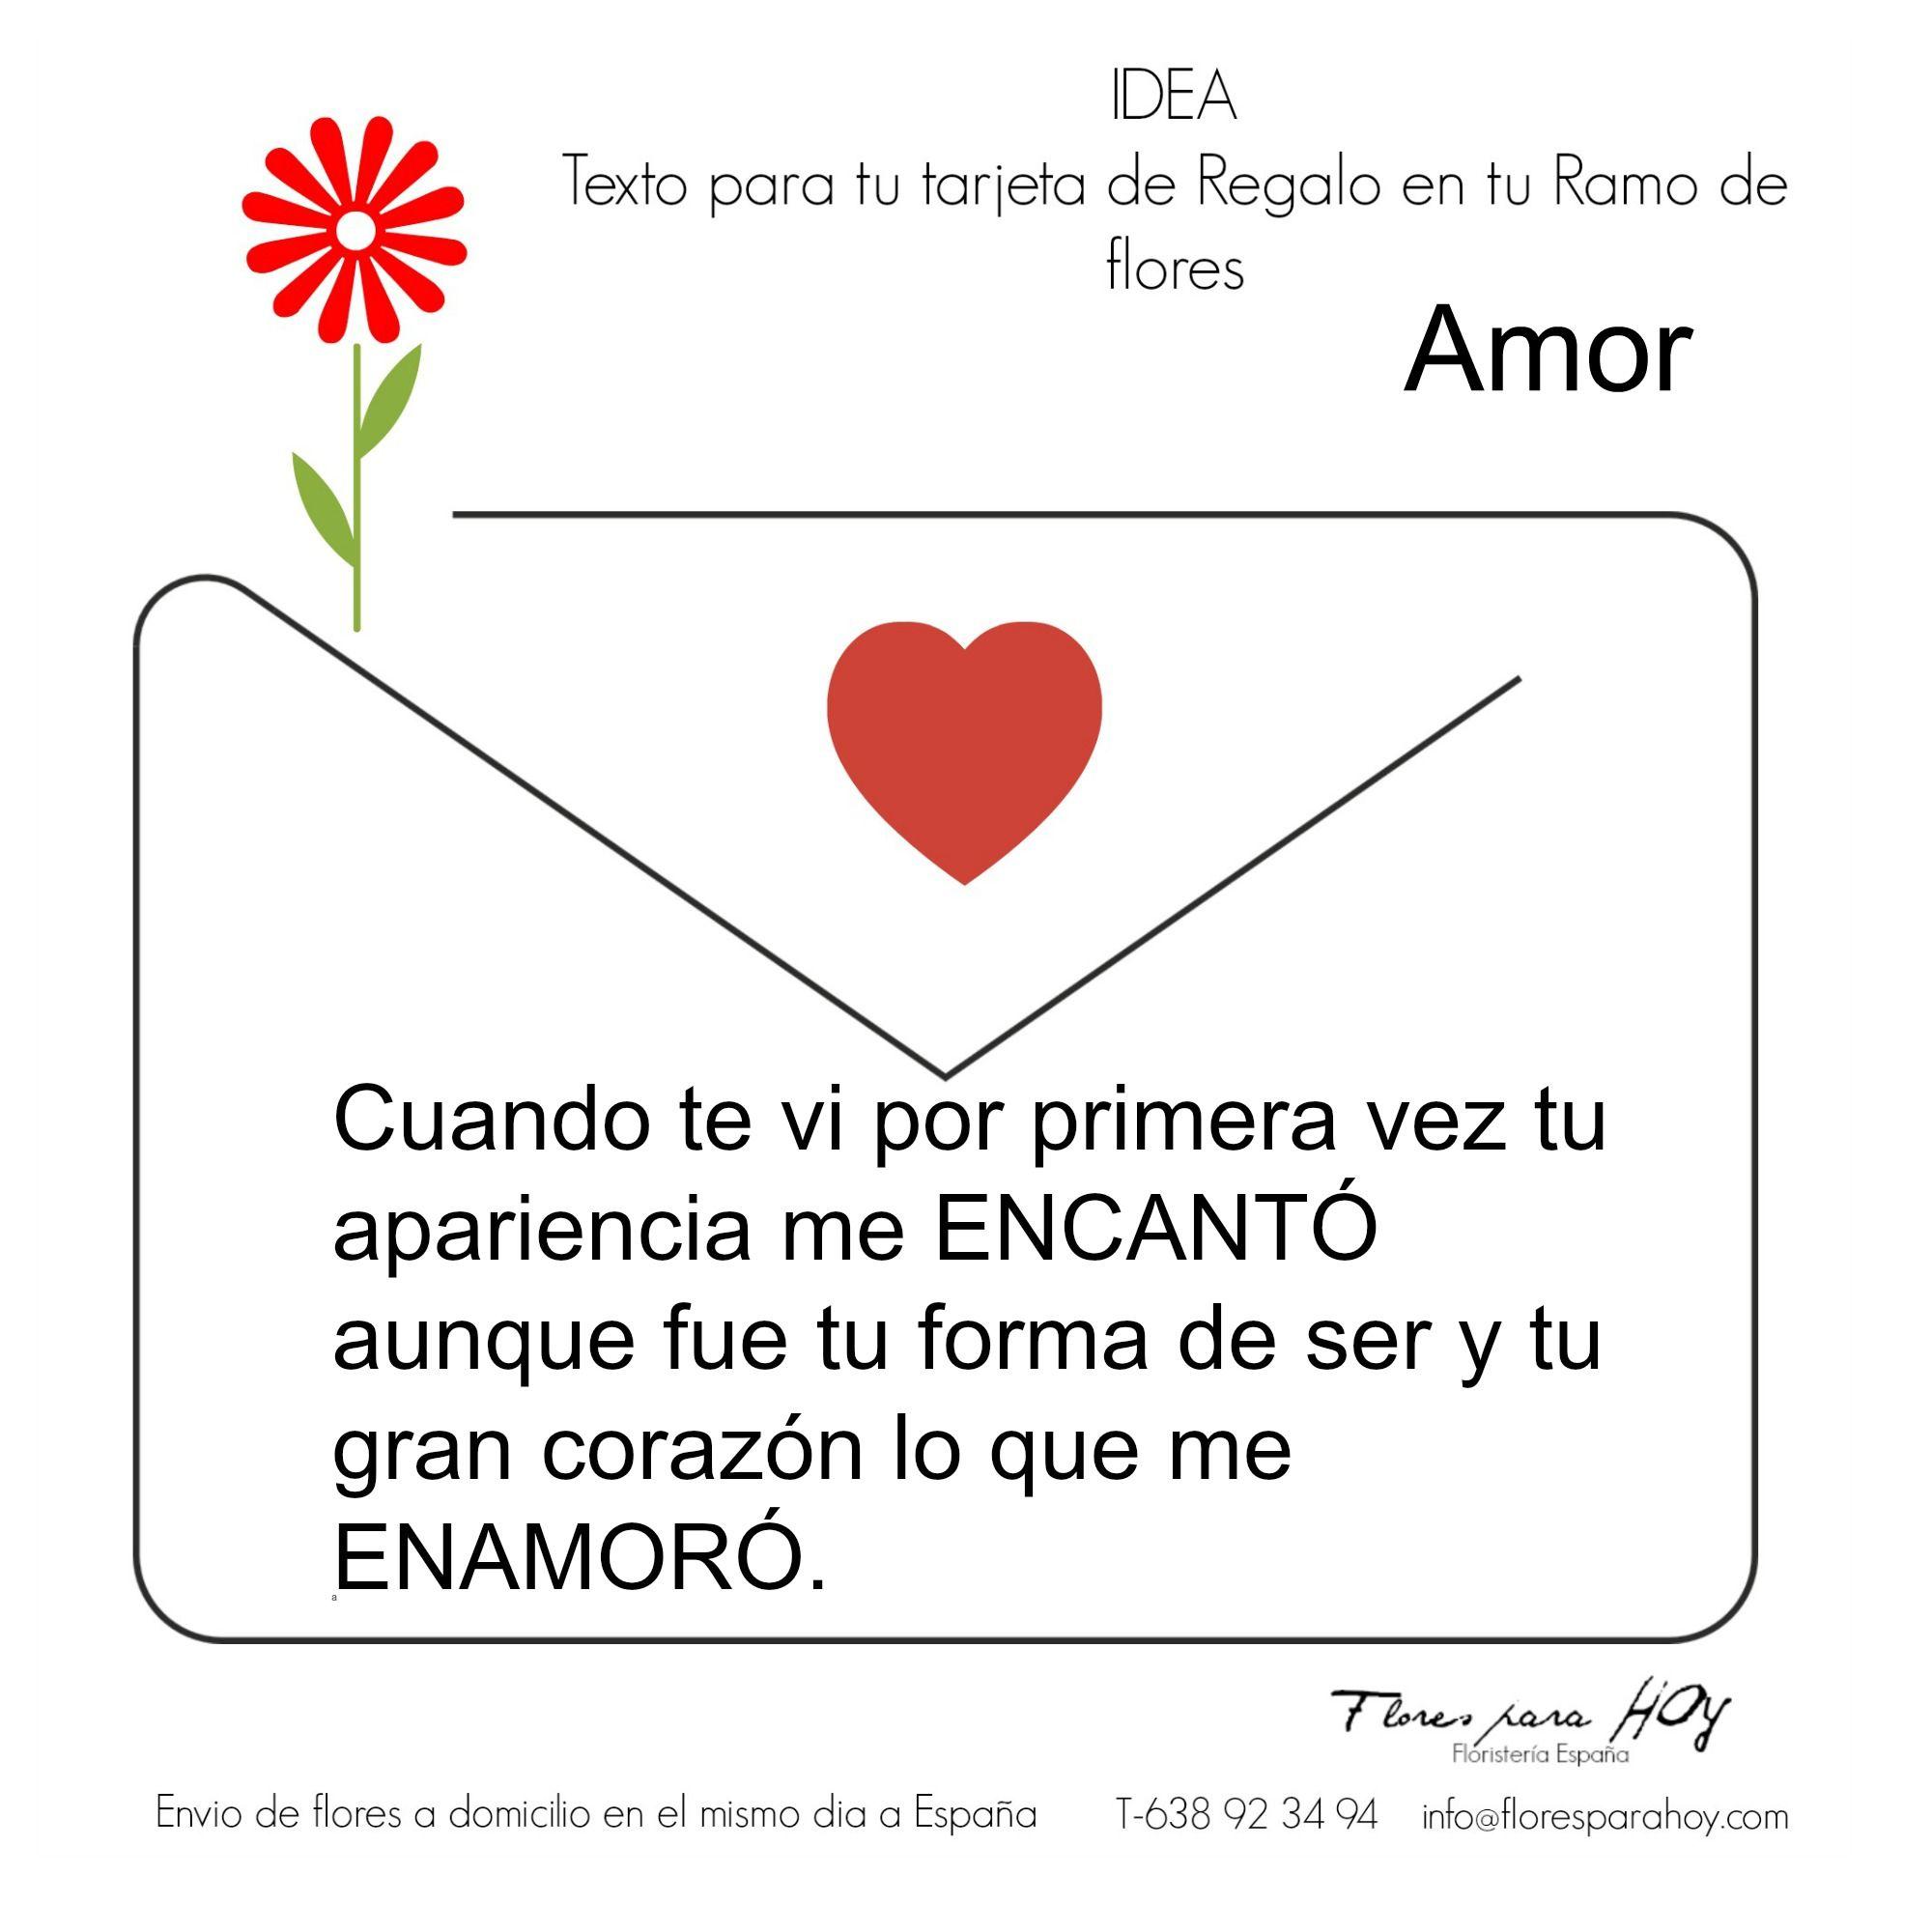 Frases Para Enamorar Y Regalar Junto A Tu Ramo De Flores Frases Amor